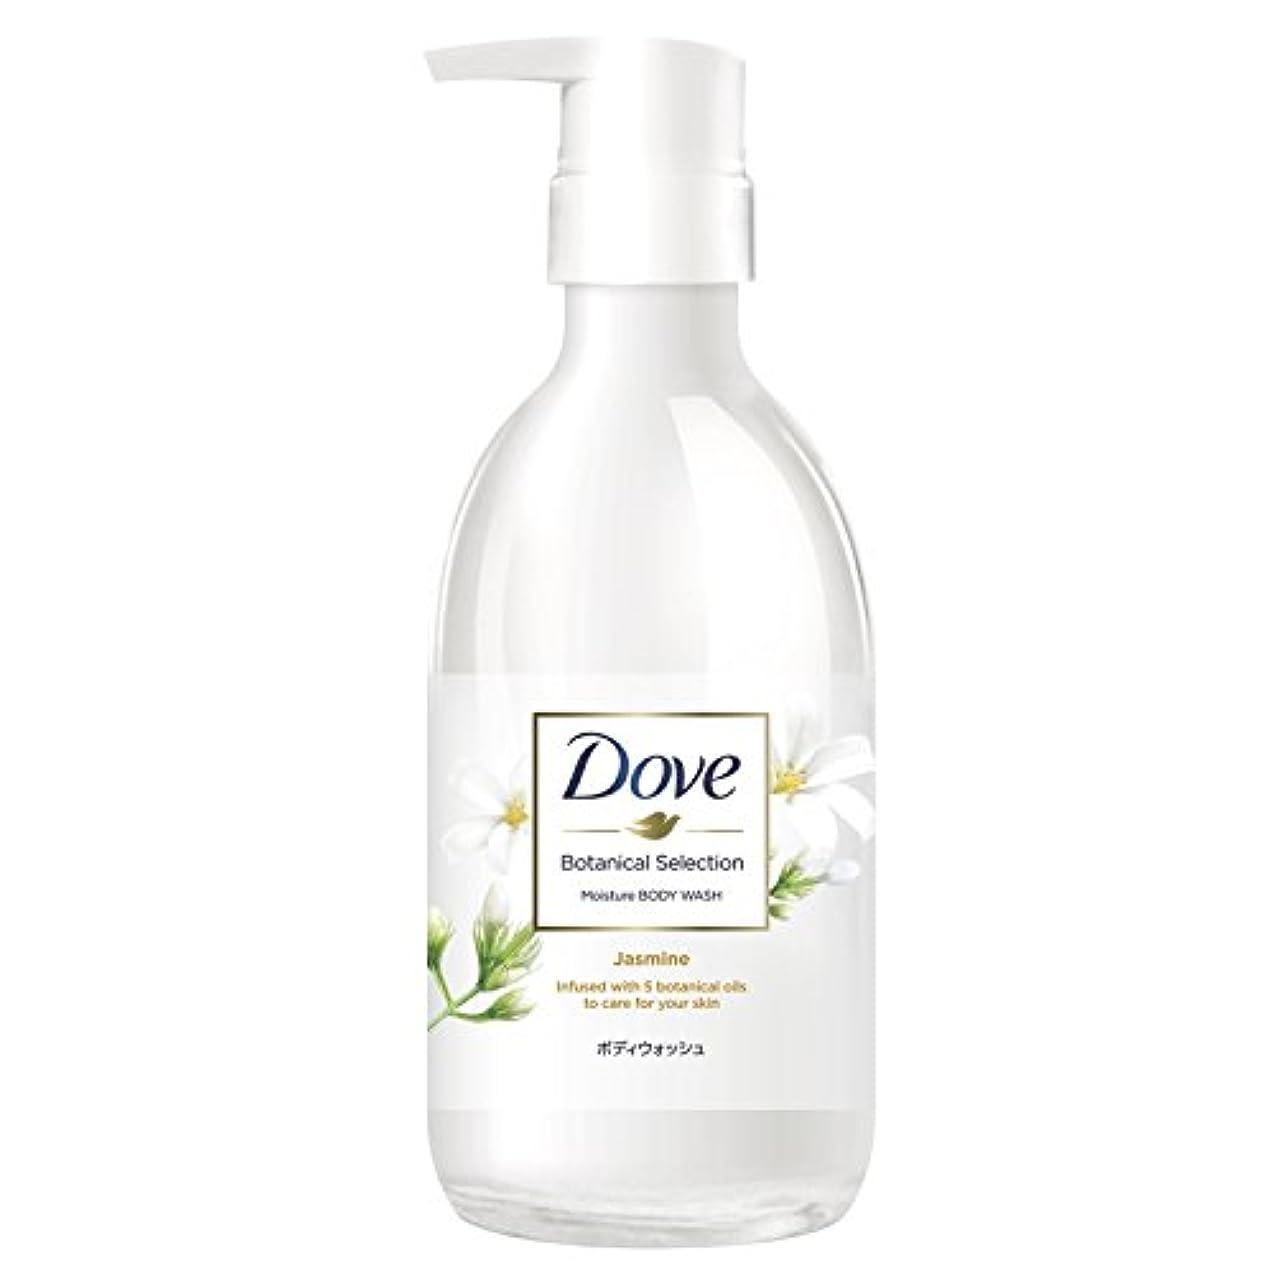 累計続ける輝度Dove(ダヴ) ボディウォッシュ ボタニカルセレクション ジャスミン ポンプ 500g